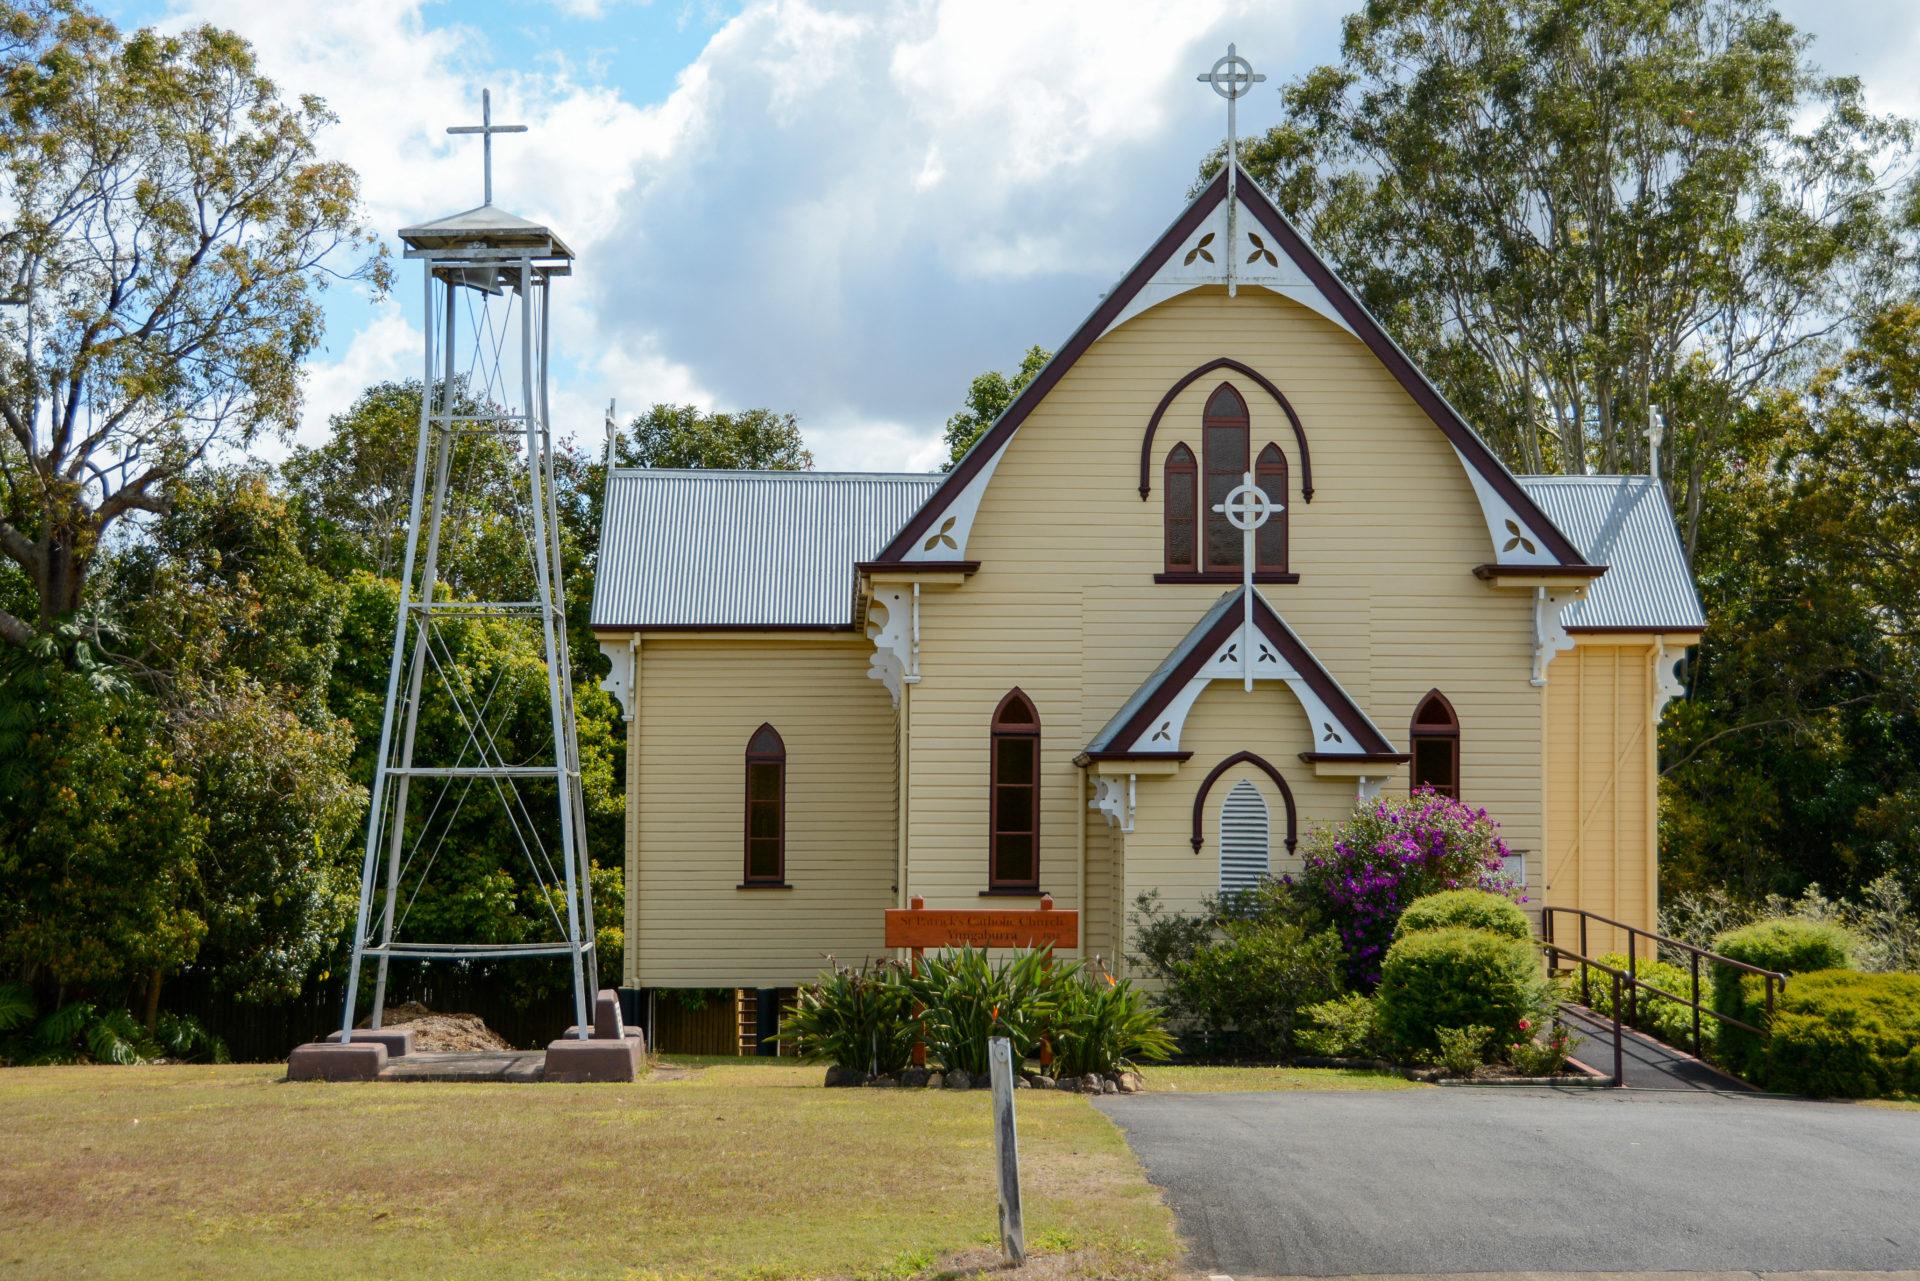 Kirche aus Holz mit Mast und Kreuz in einem Dorf in Queensland